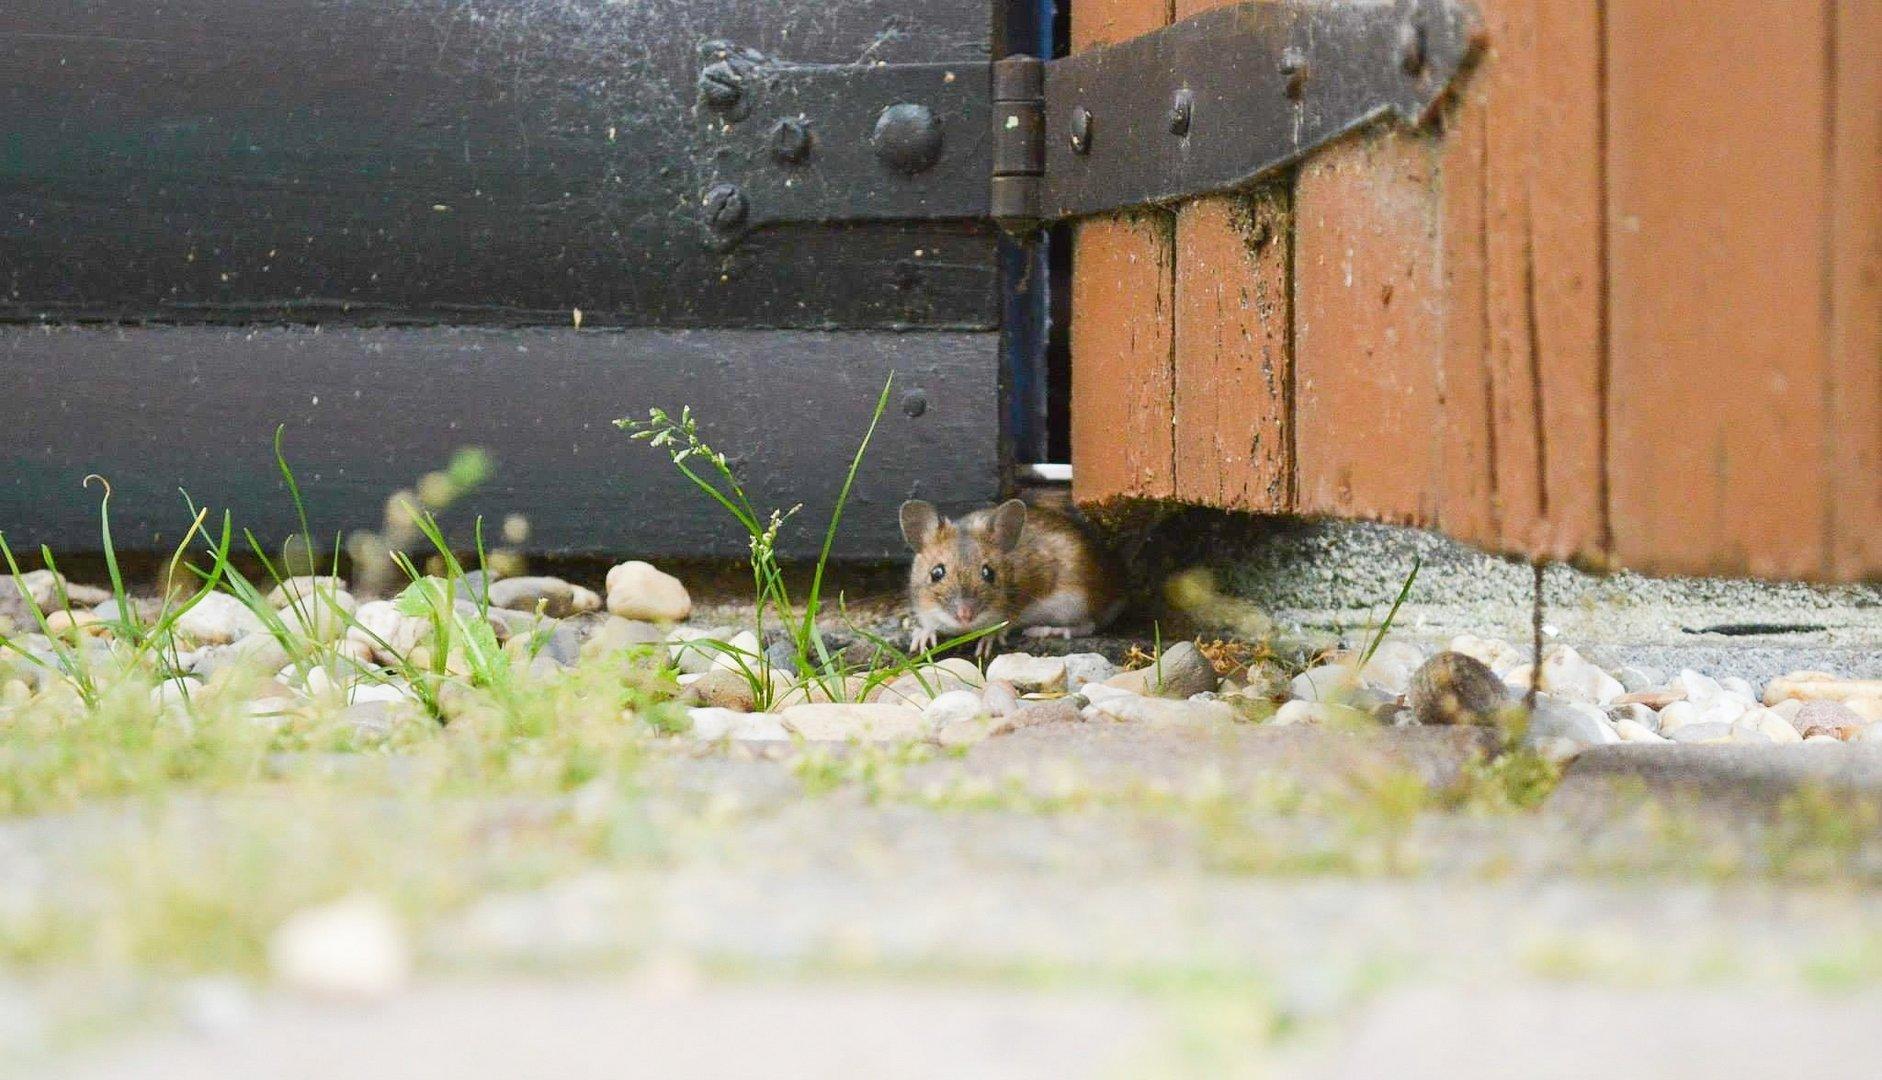 Die Maus im Schuppen